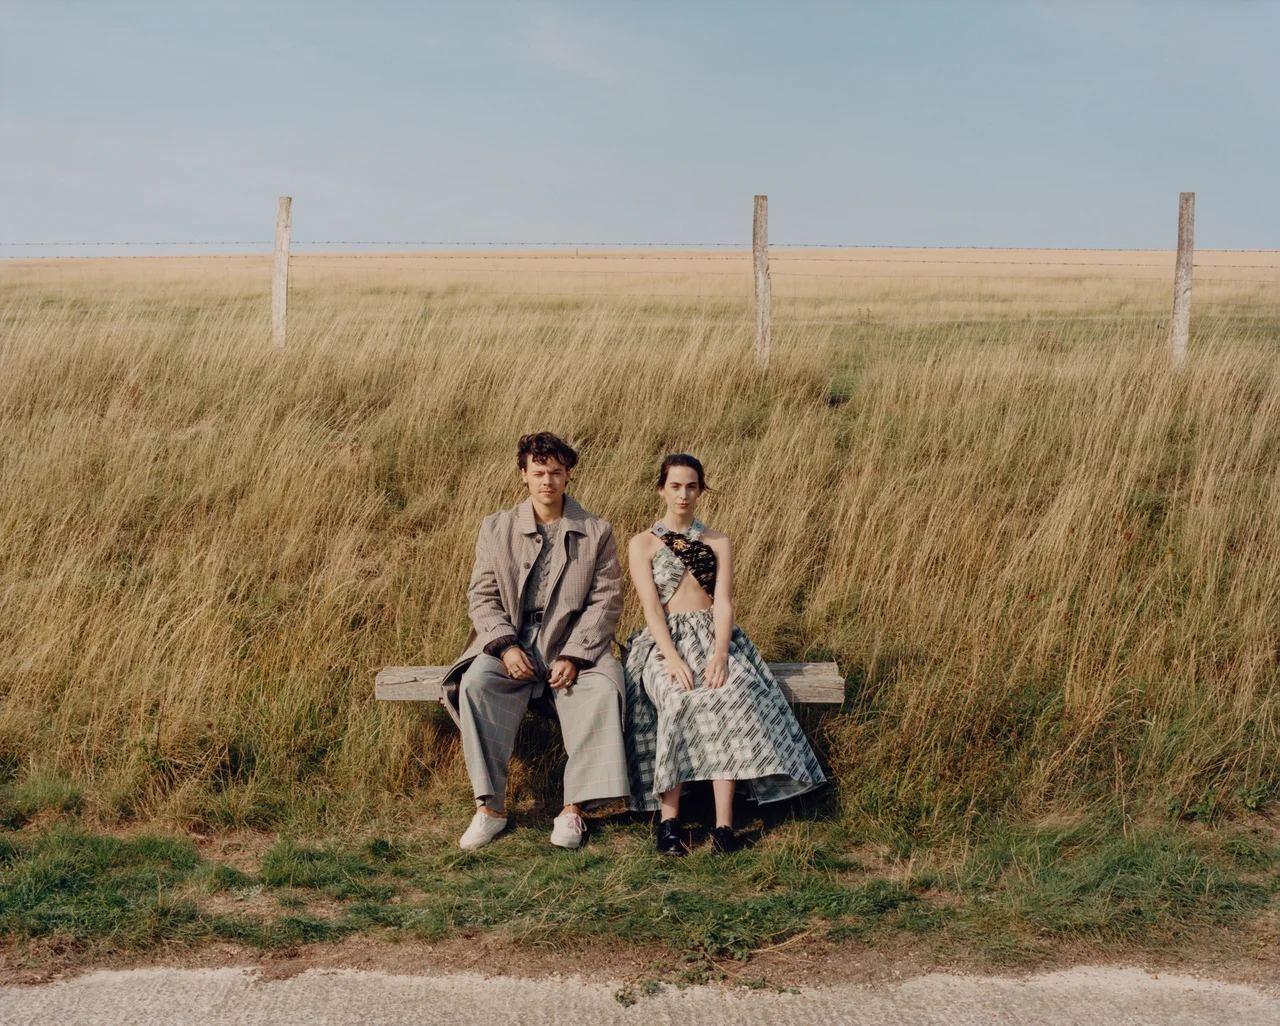 Гарри Стайлс примерил кружевные платья и юбки Gucci для американского Vogue (ФОТО) - фото №7